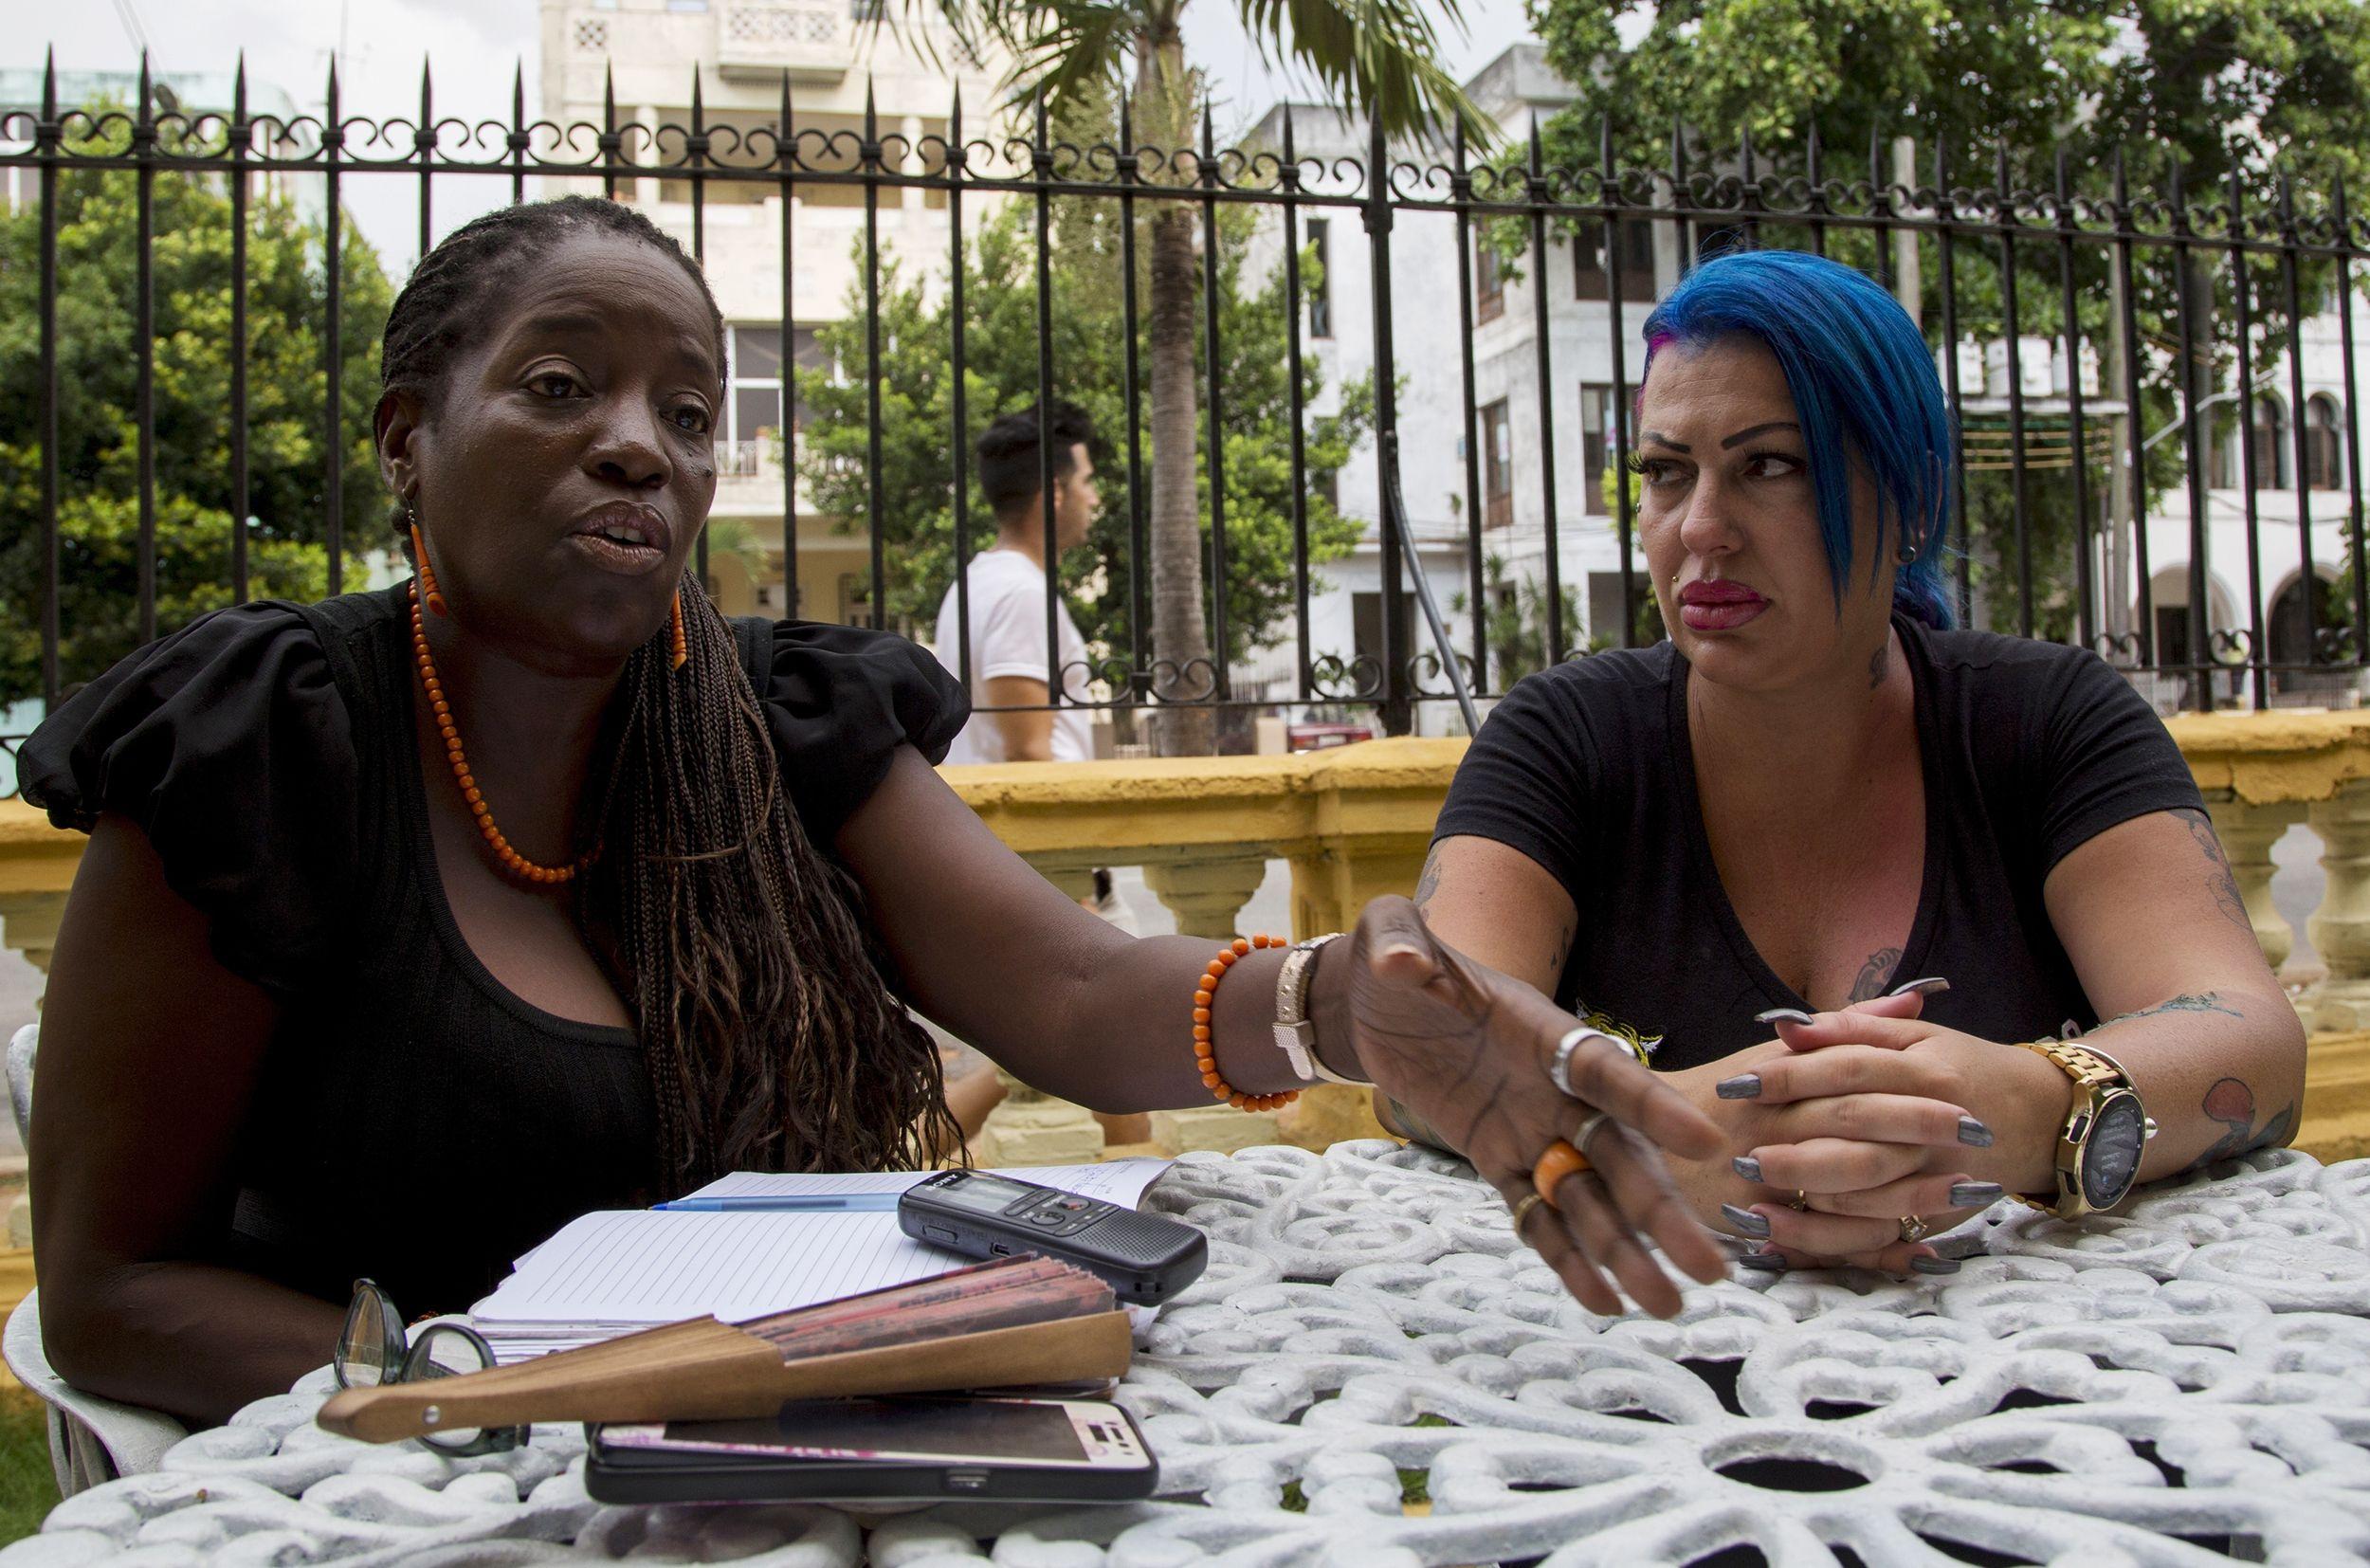 Cuba se suma a #Metoo y exhibe alcance de acceso a internet